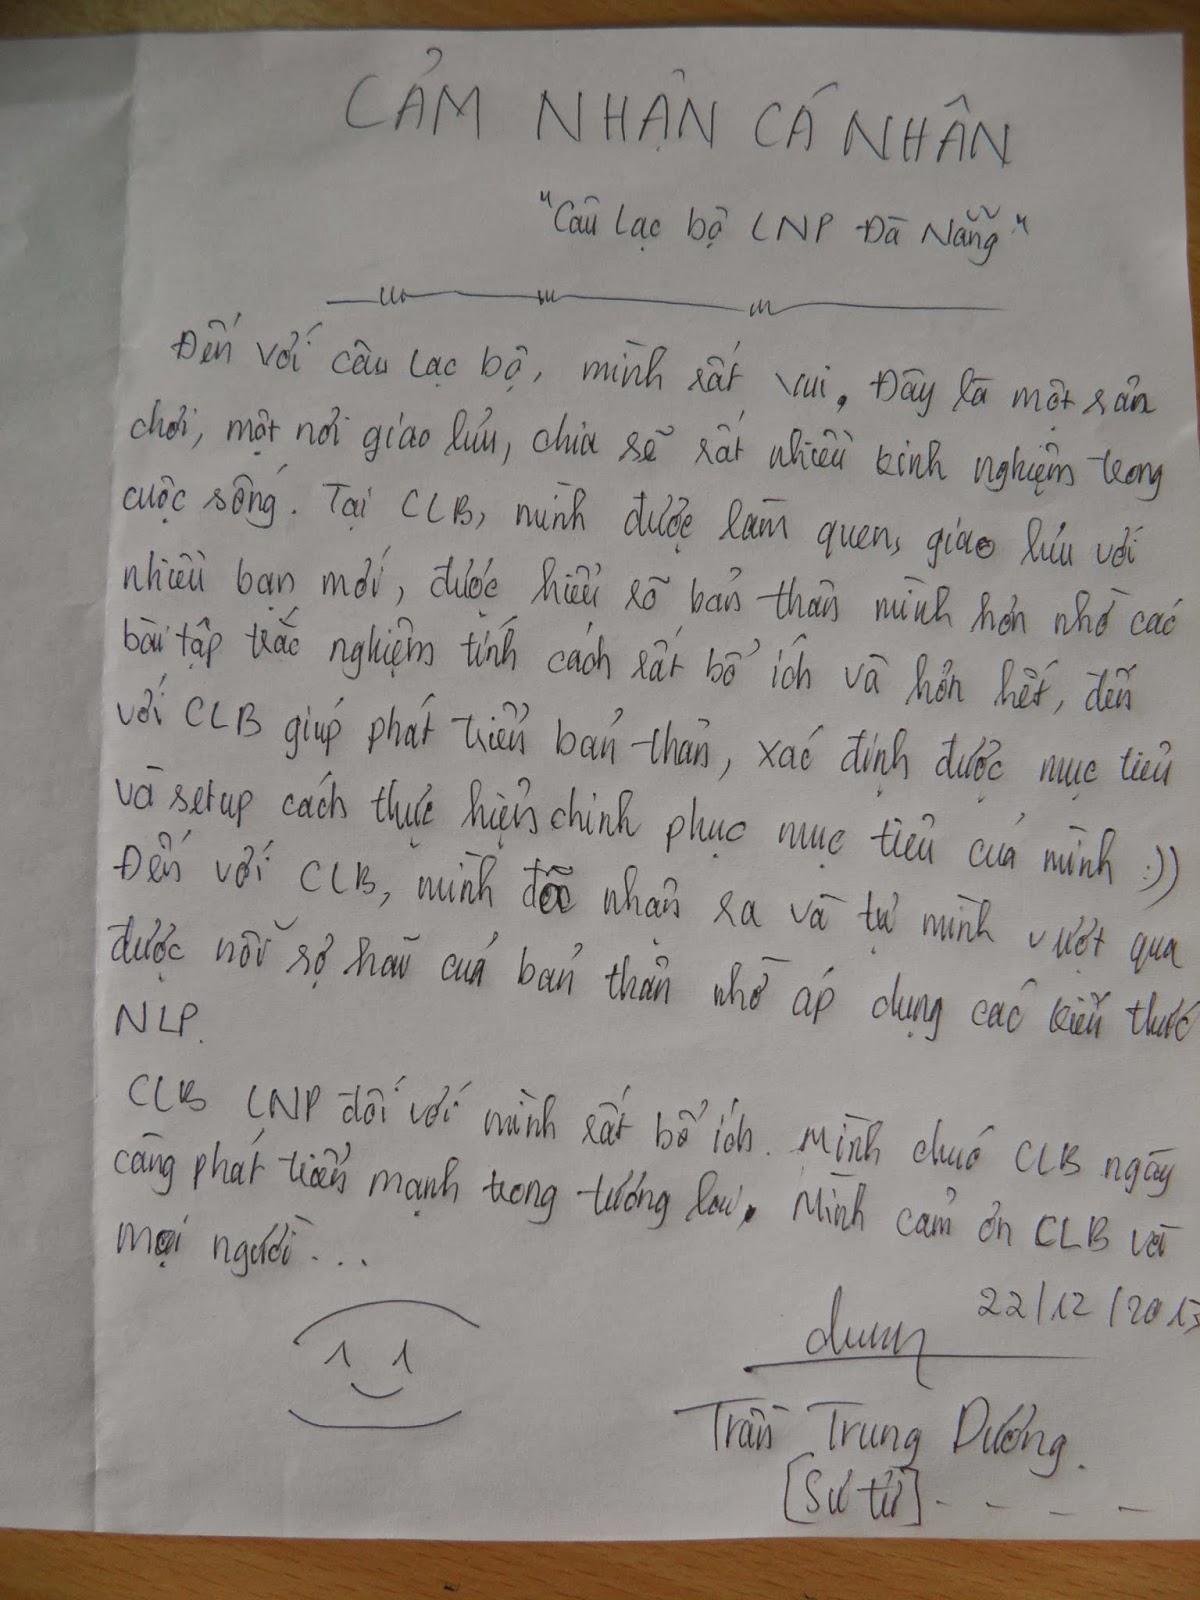 Trần Trung Dương viết cảm nhận chia sẻ khi tham gia CLB NLP Đà Nẵng